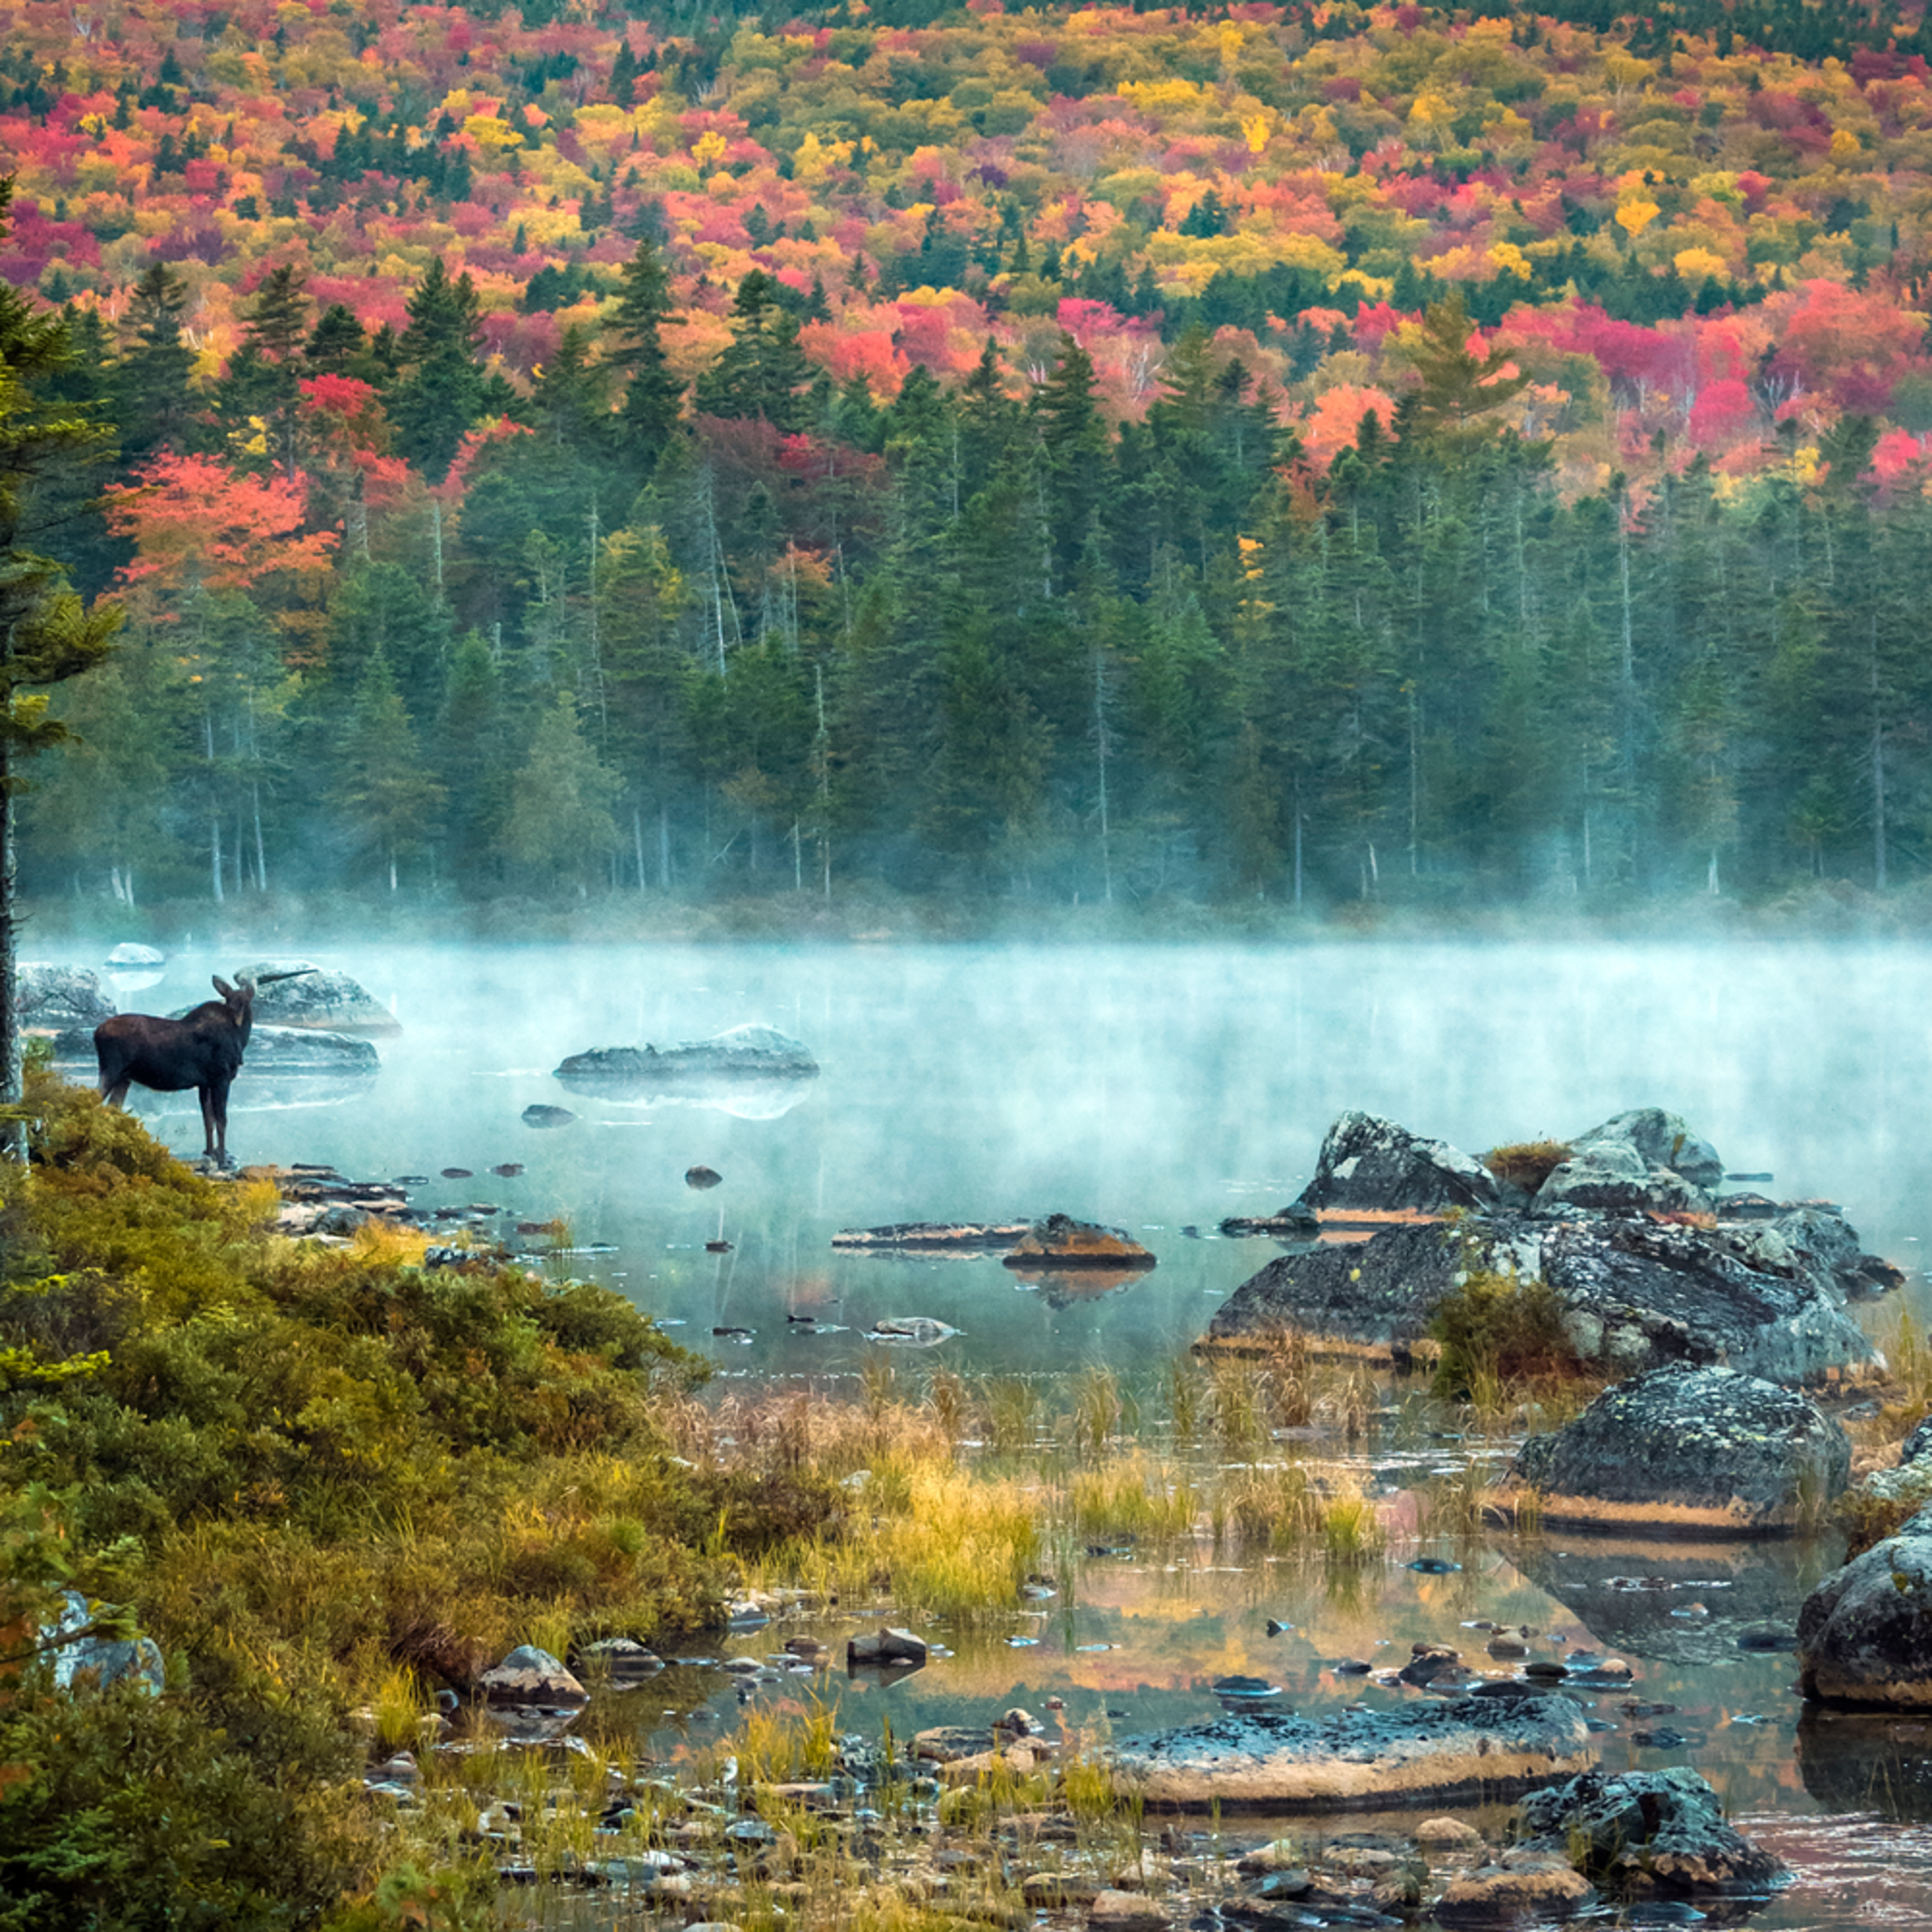 Morning moose b8o7zg